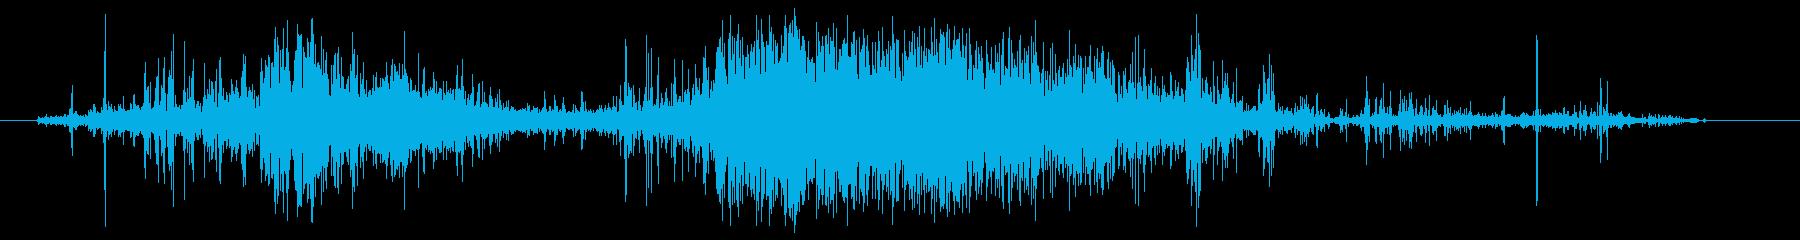 グーシーウォータースクイッシュ、フォリーの再生済みの波形